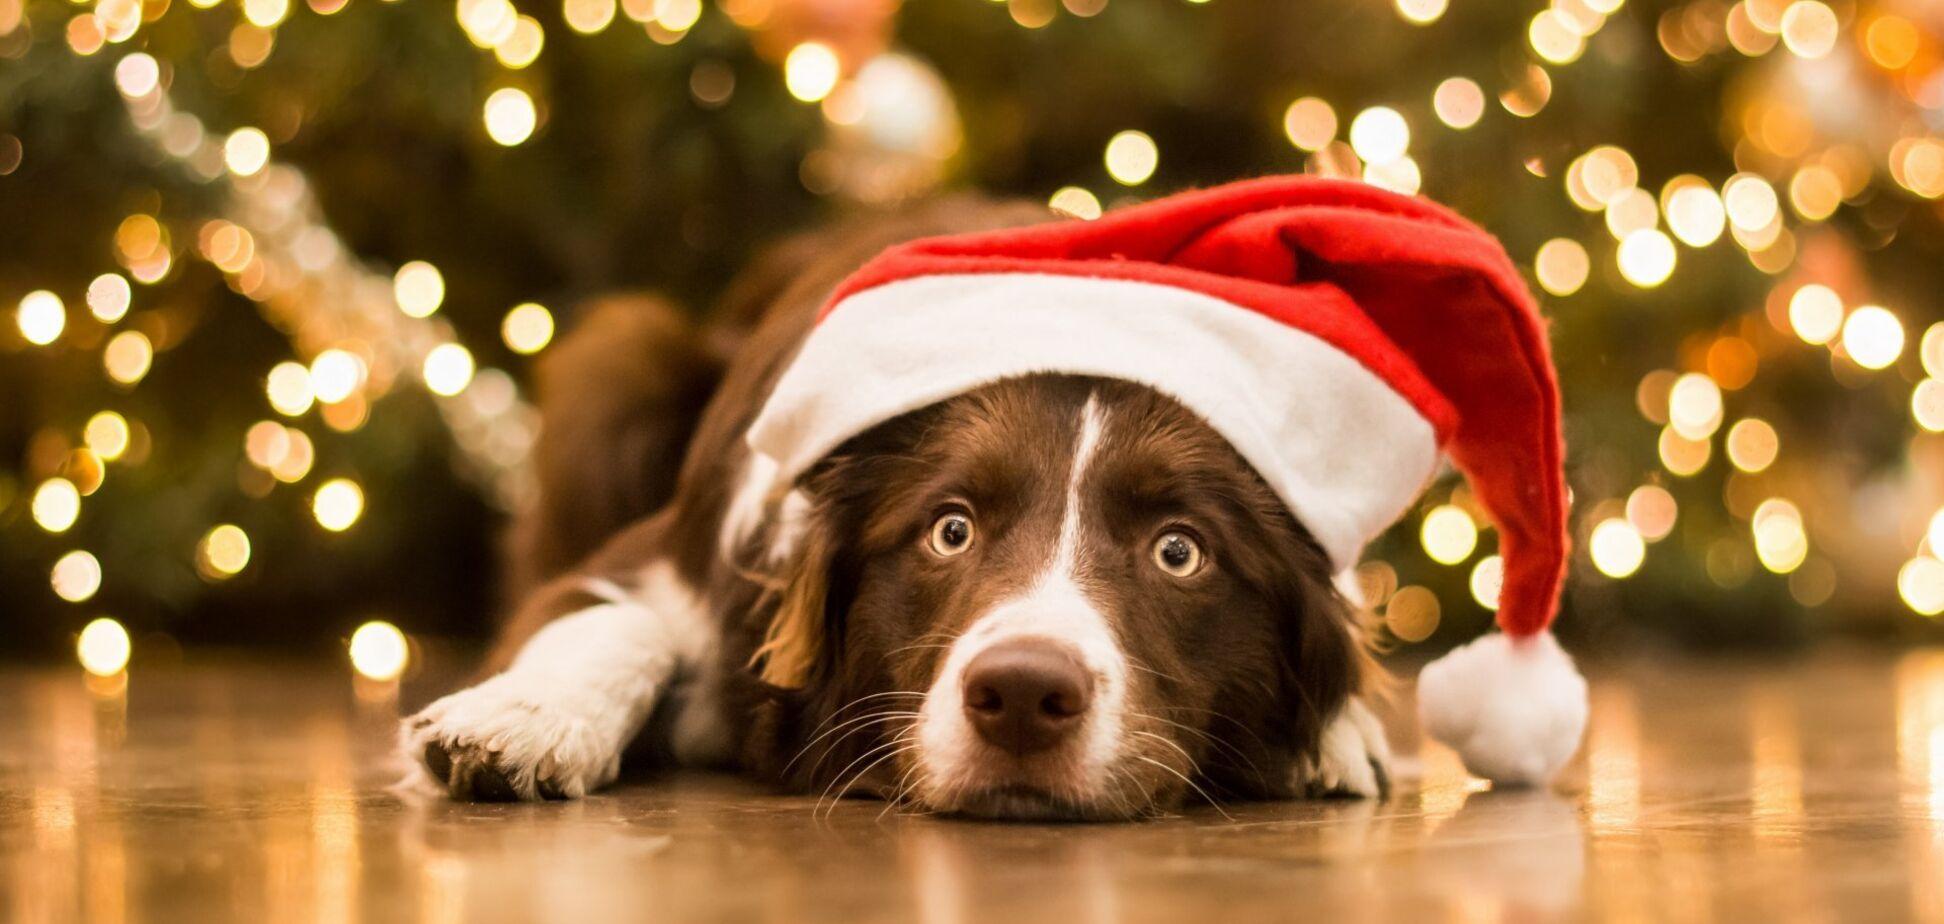 Рік Собаки і святковий стіл: маг уточнив важливі деталі